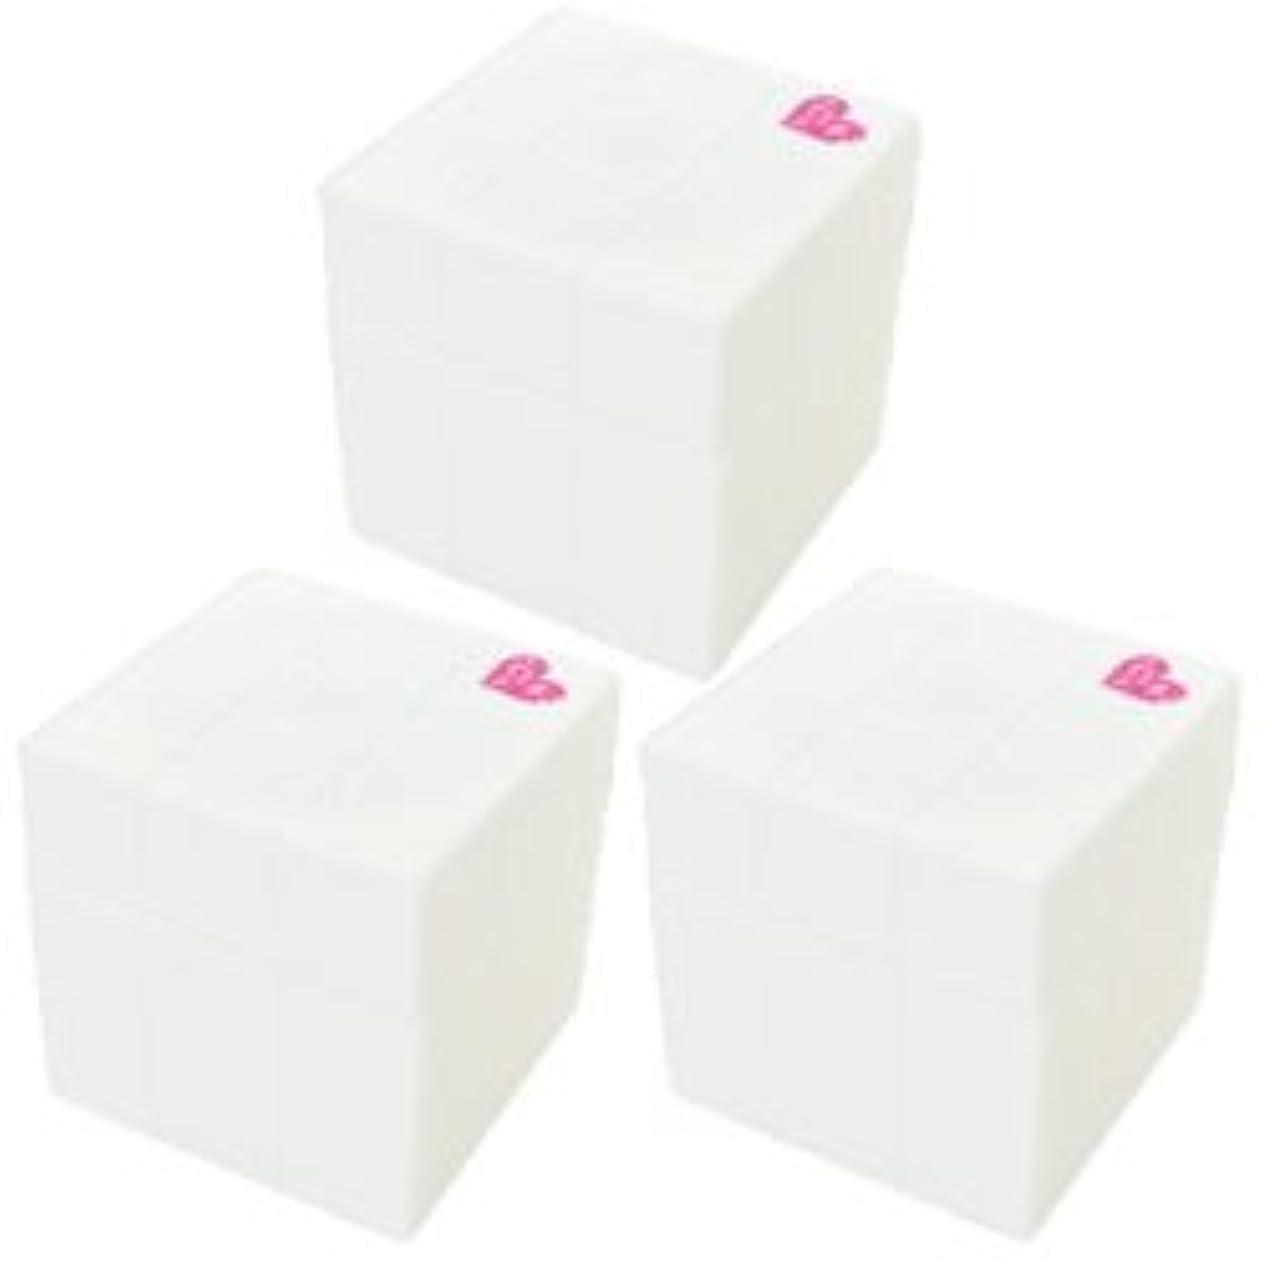 集団的流宿るアリミノ ピース グロスワックス80g(ホワイト)3個セット